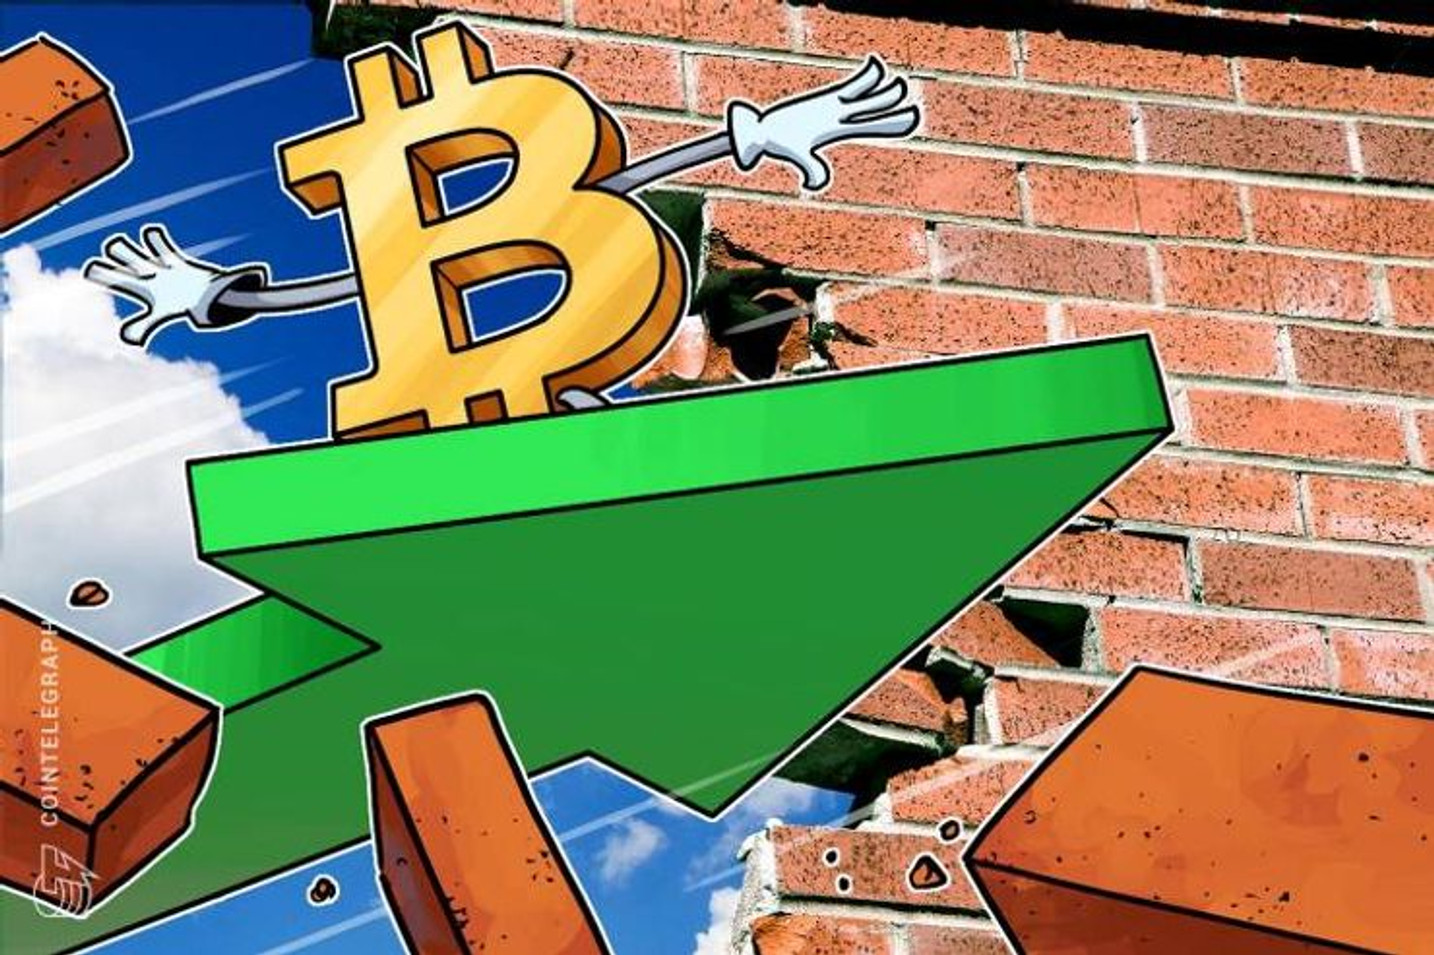 Según la firma de inversión Canaccord Genuity, el valor del Bitcoin podría alcanzar los USD 20.000 este año